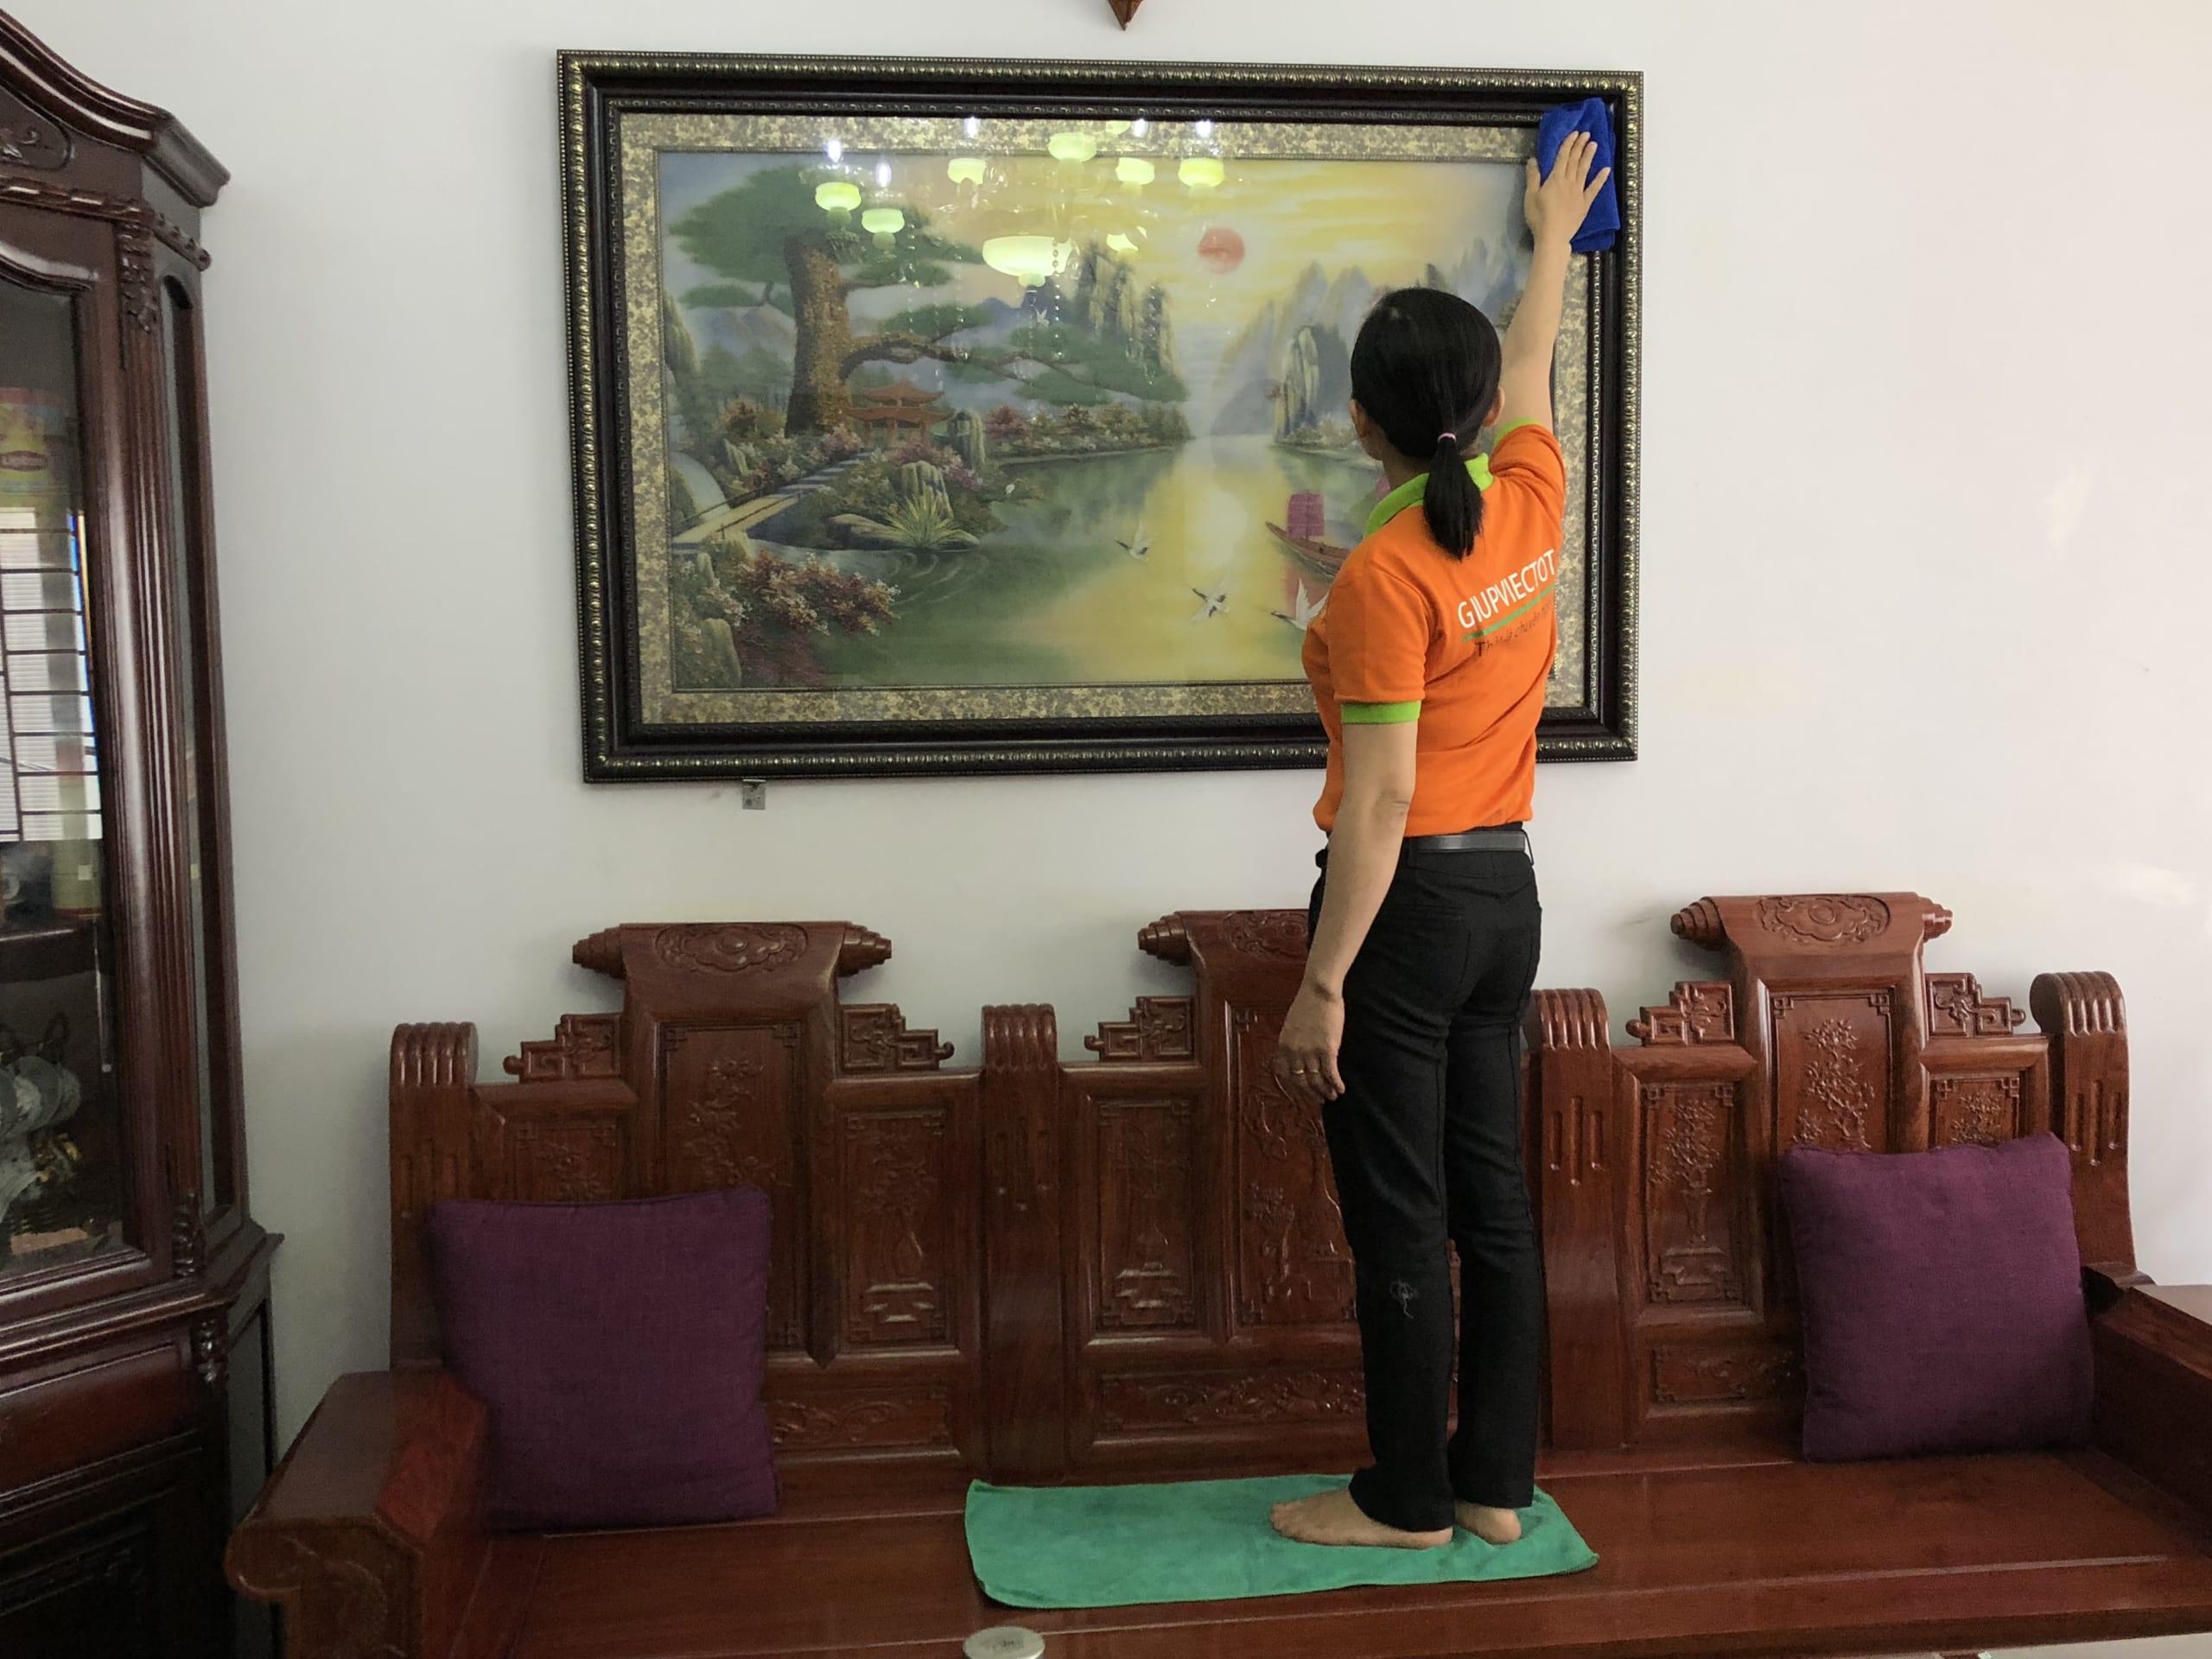 giúp việc nhà theo giờ chính chủ